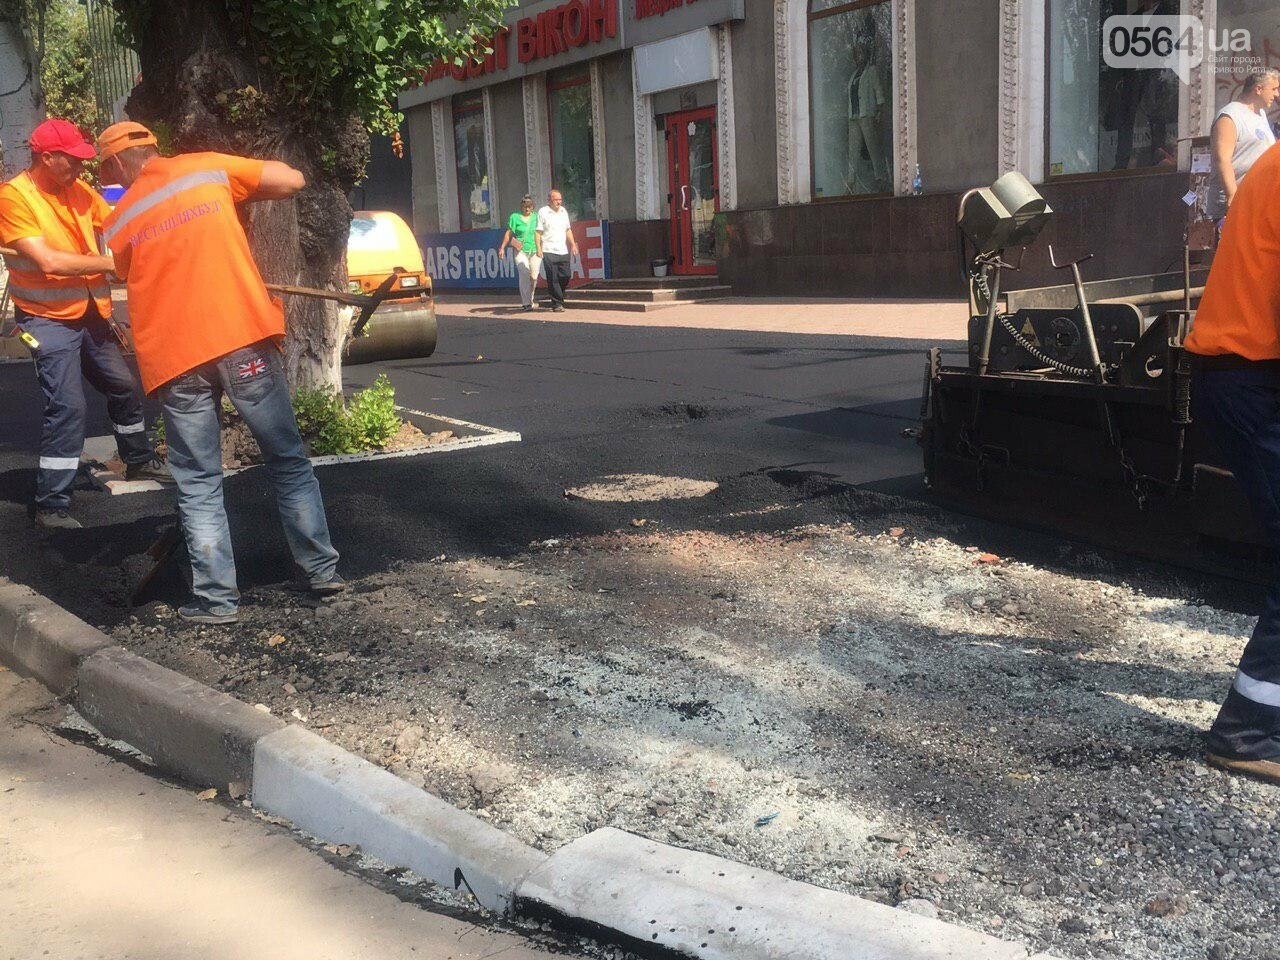 В Кривом Роге ремонтируют пешеходную дорожку к горисполкому, - ФОТО , фото-37